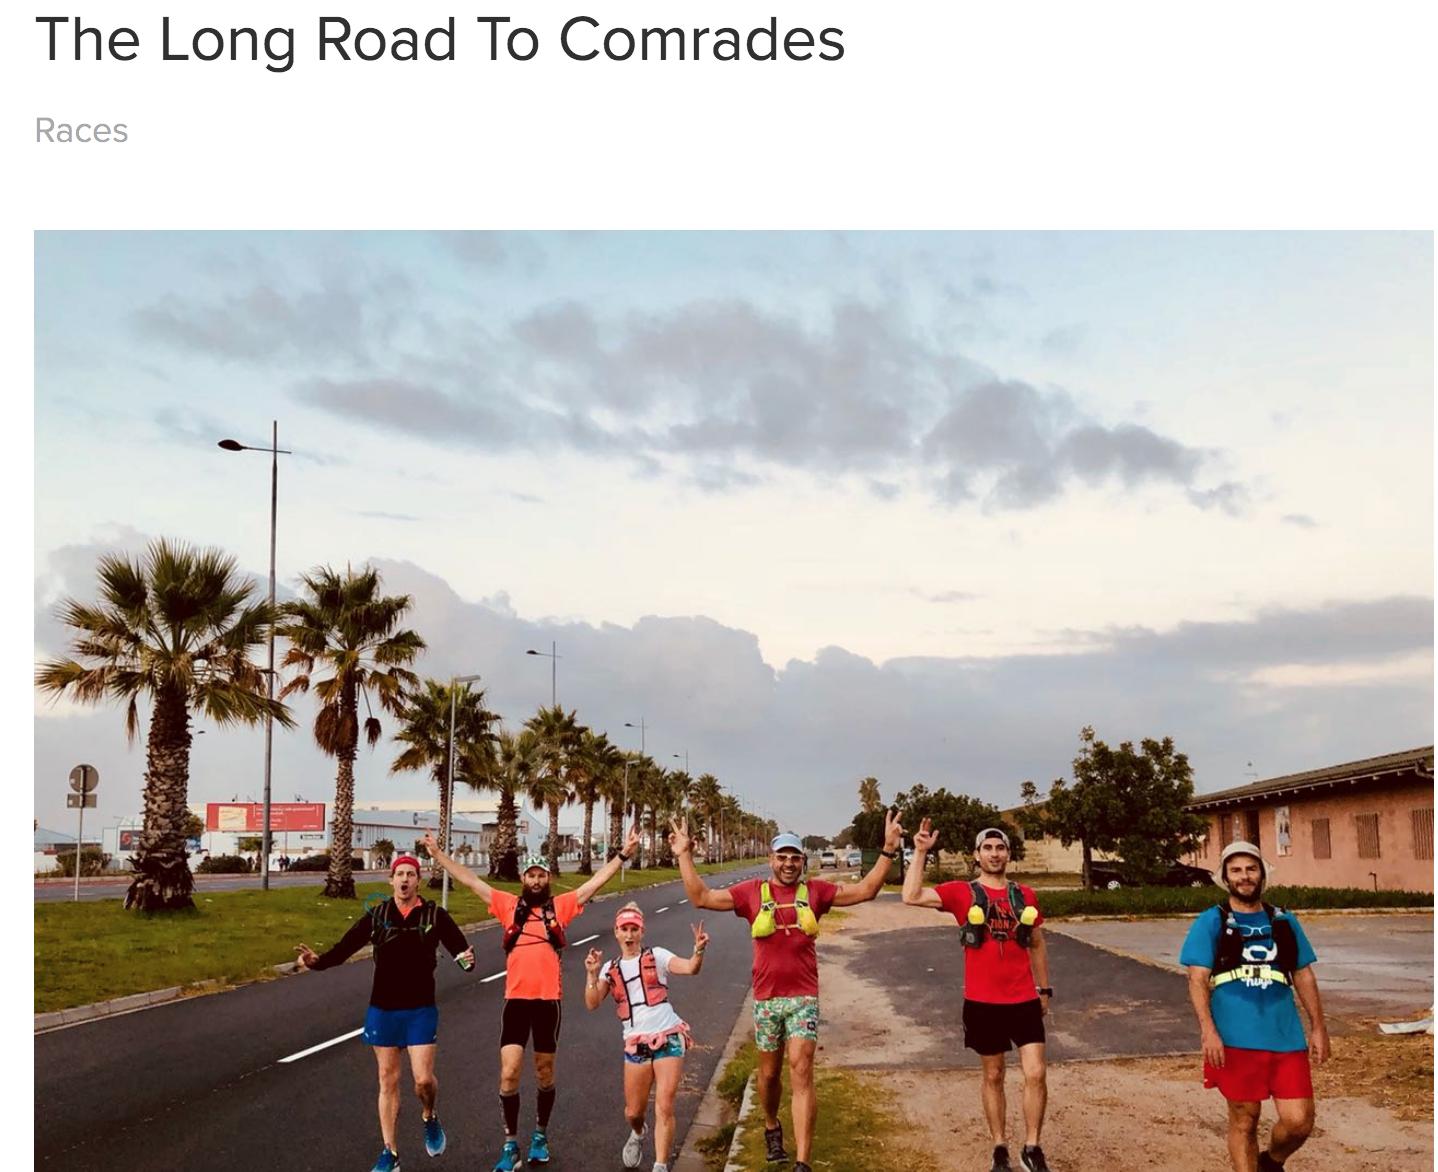 https://www.carlamolinaro.com/blog/2018/6/26/the-long-road-to-comrades